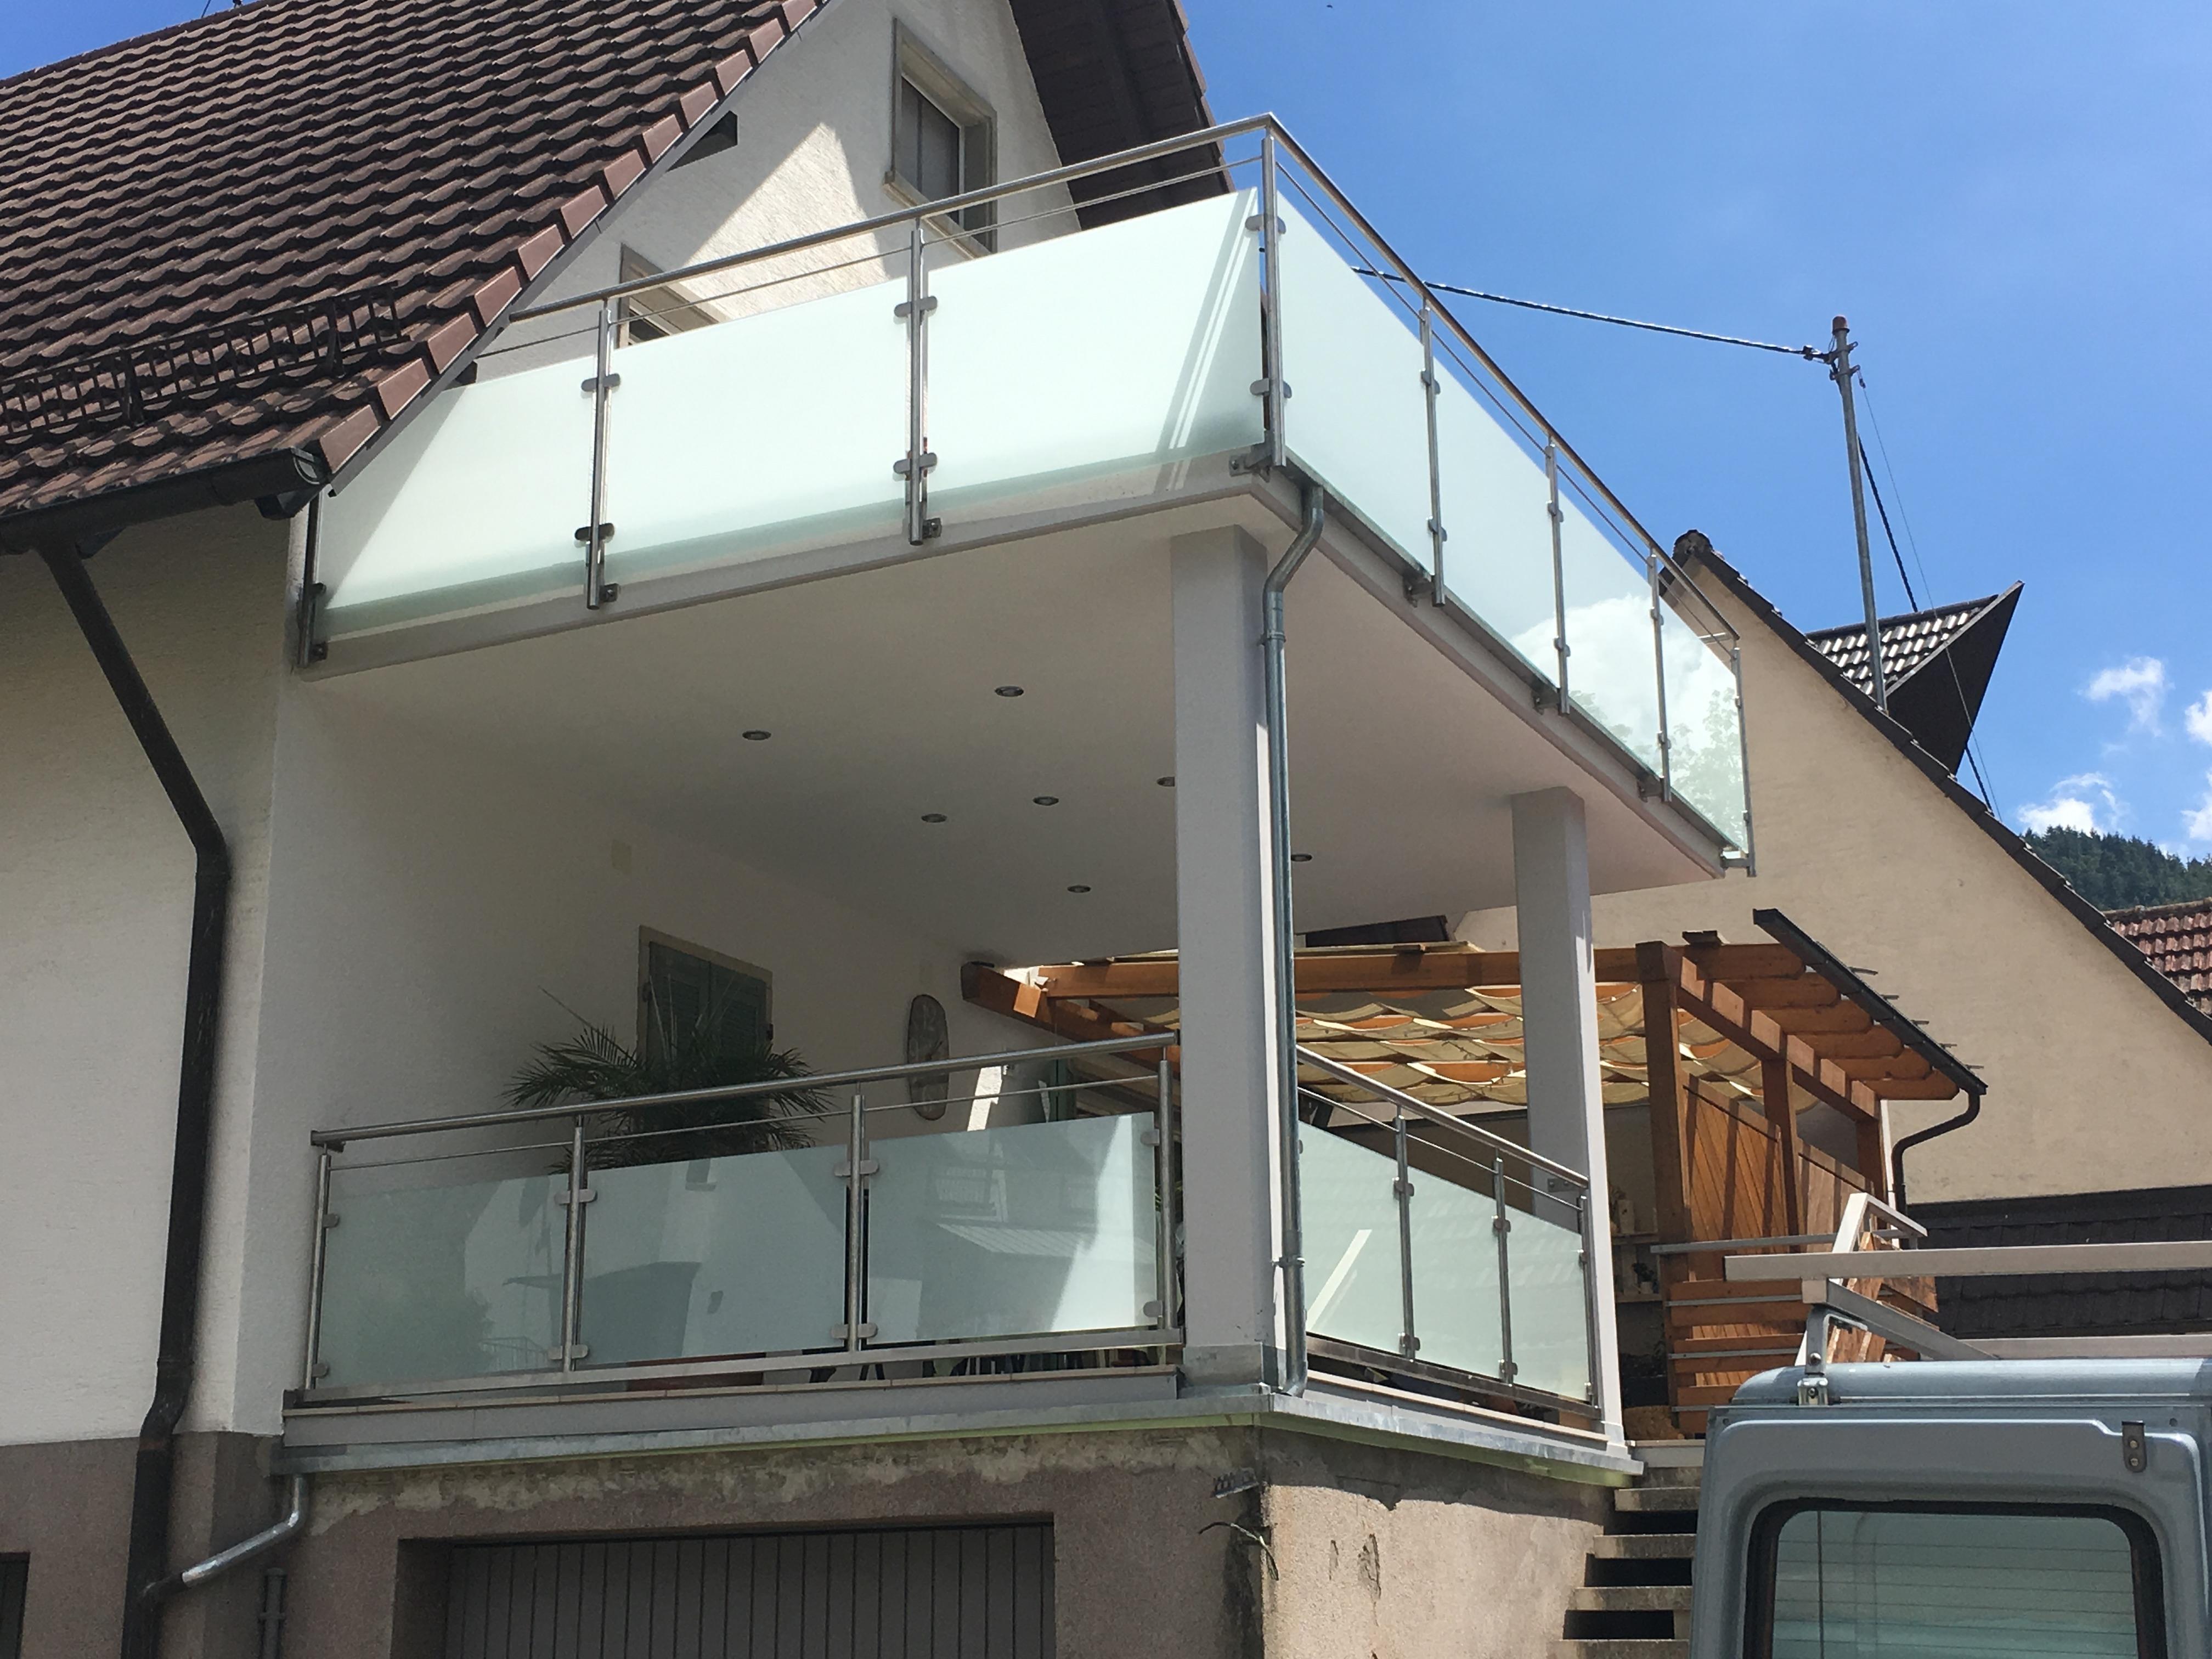 Edelstahl Geländer Glas Offenburg